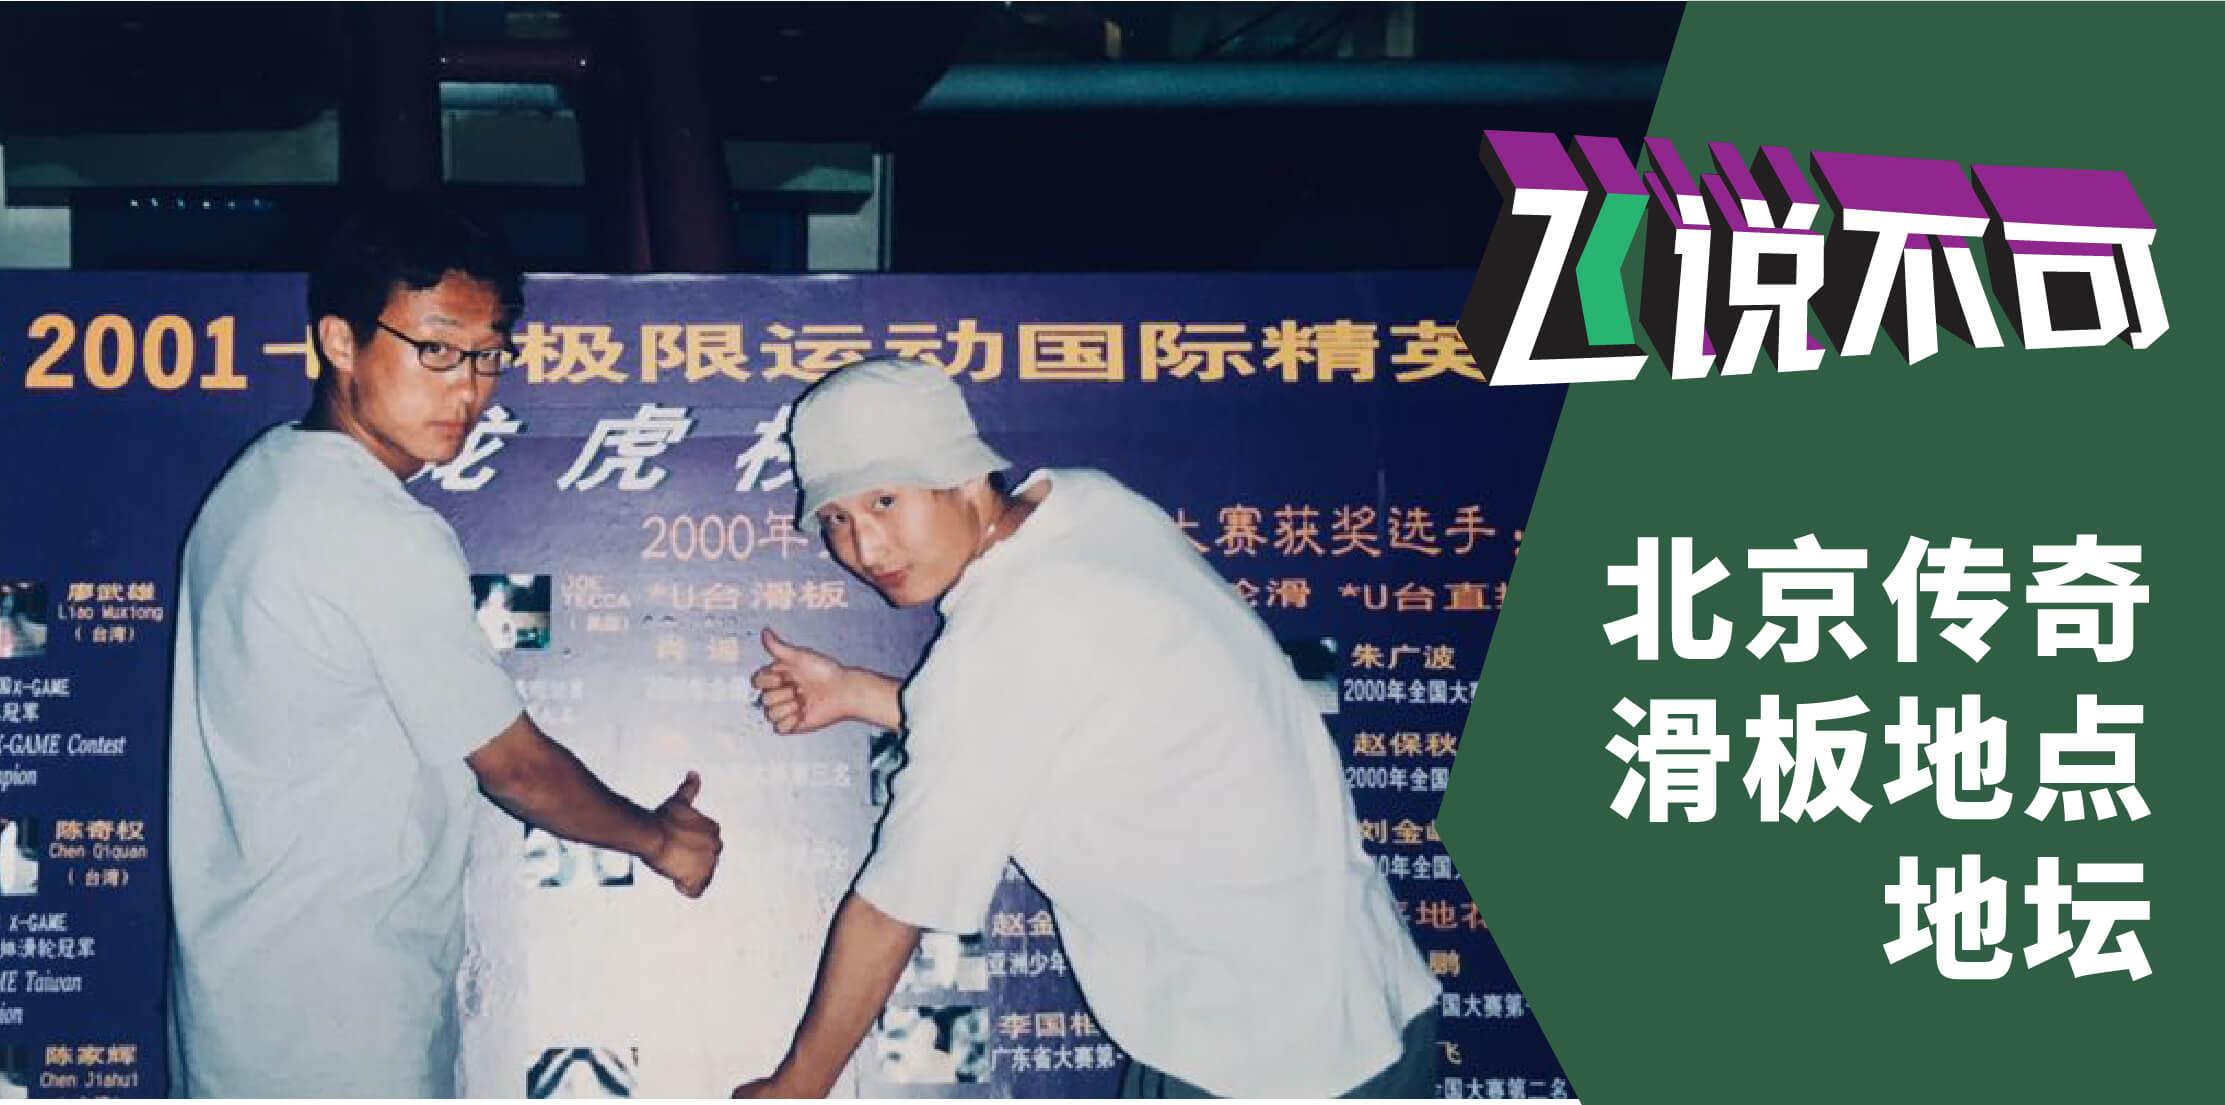 飞说不可66 – 故事多的讲到袁飞睡着,北京传奇滑板地点地坛滑板场